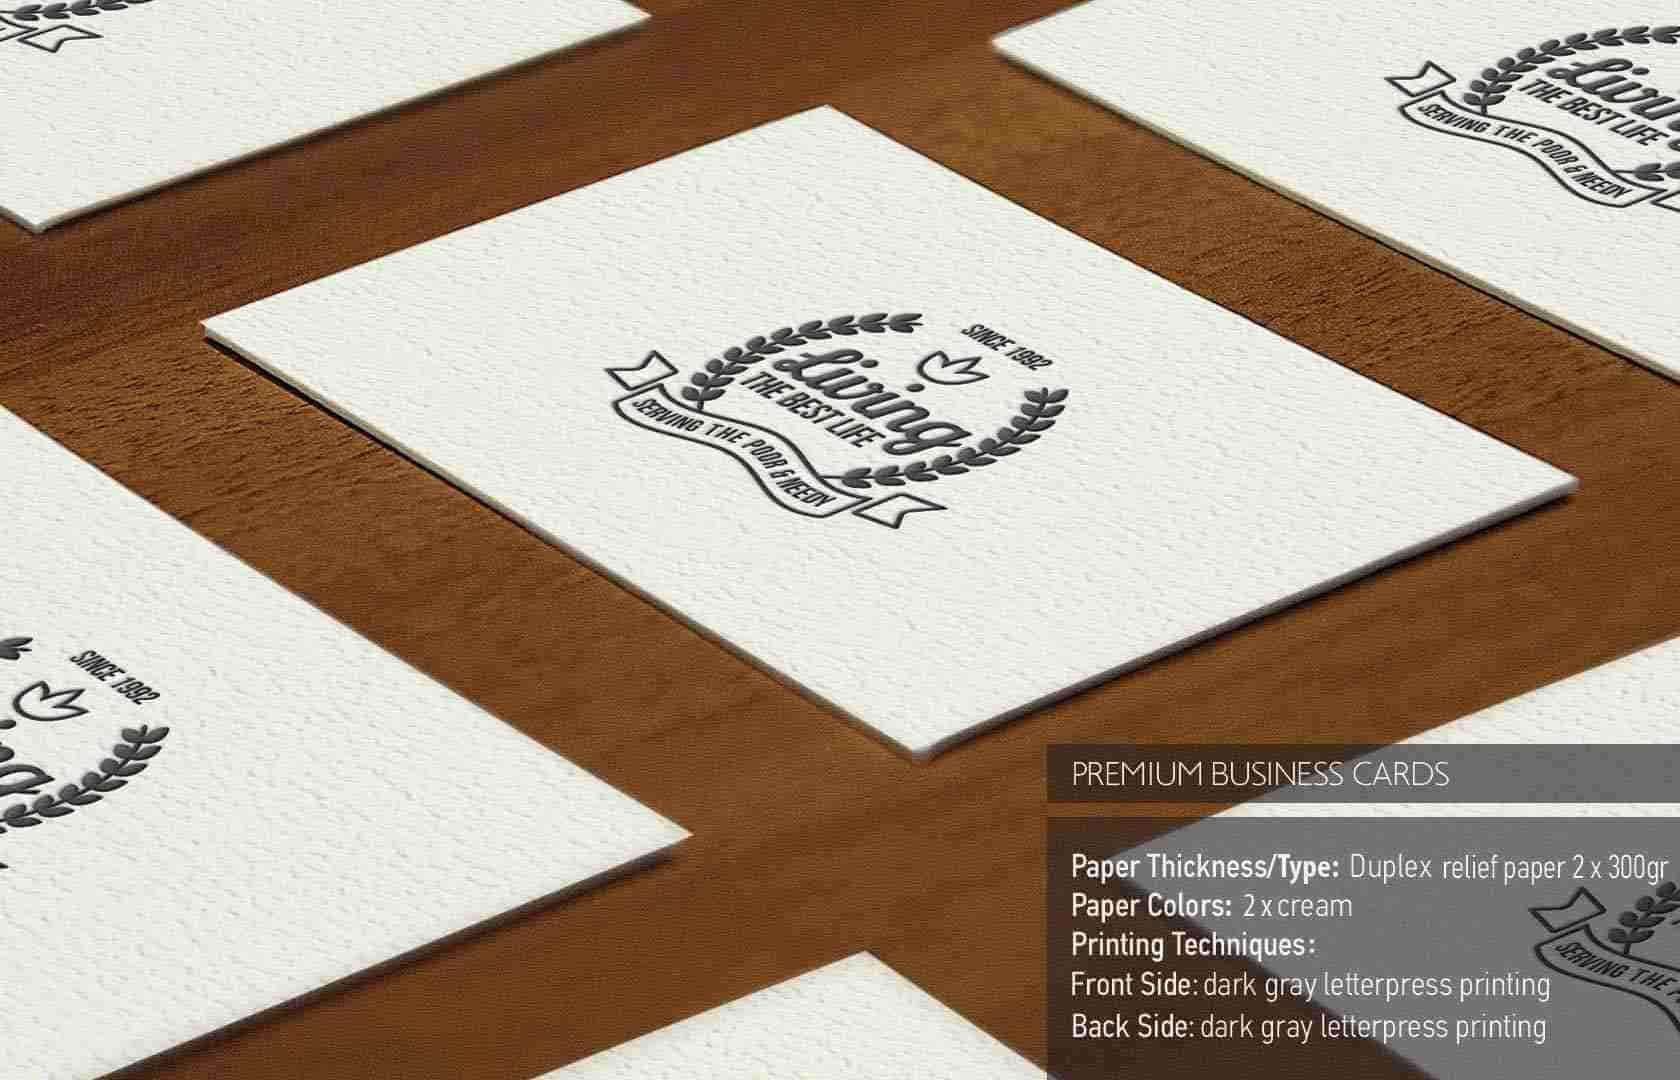 duplex cream color matt paper perakis 2.21.866 300 alezan cult gazela min